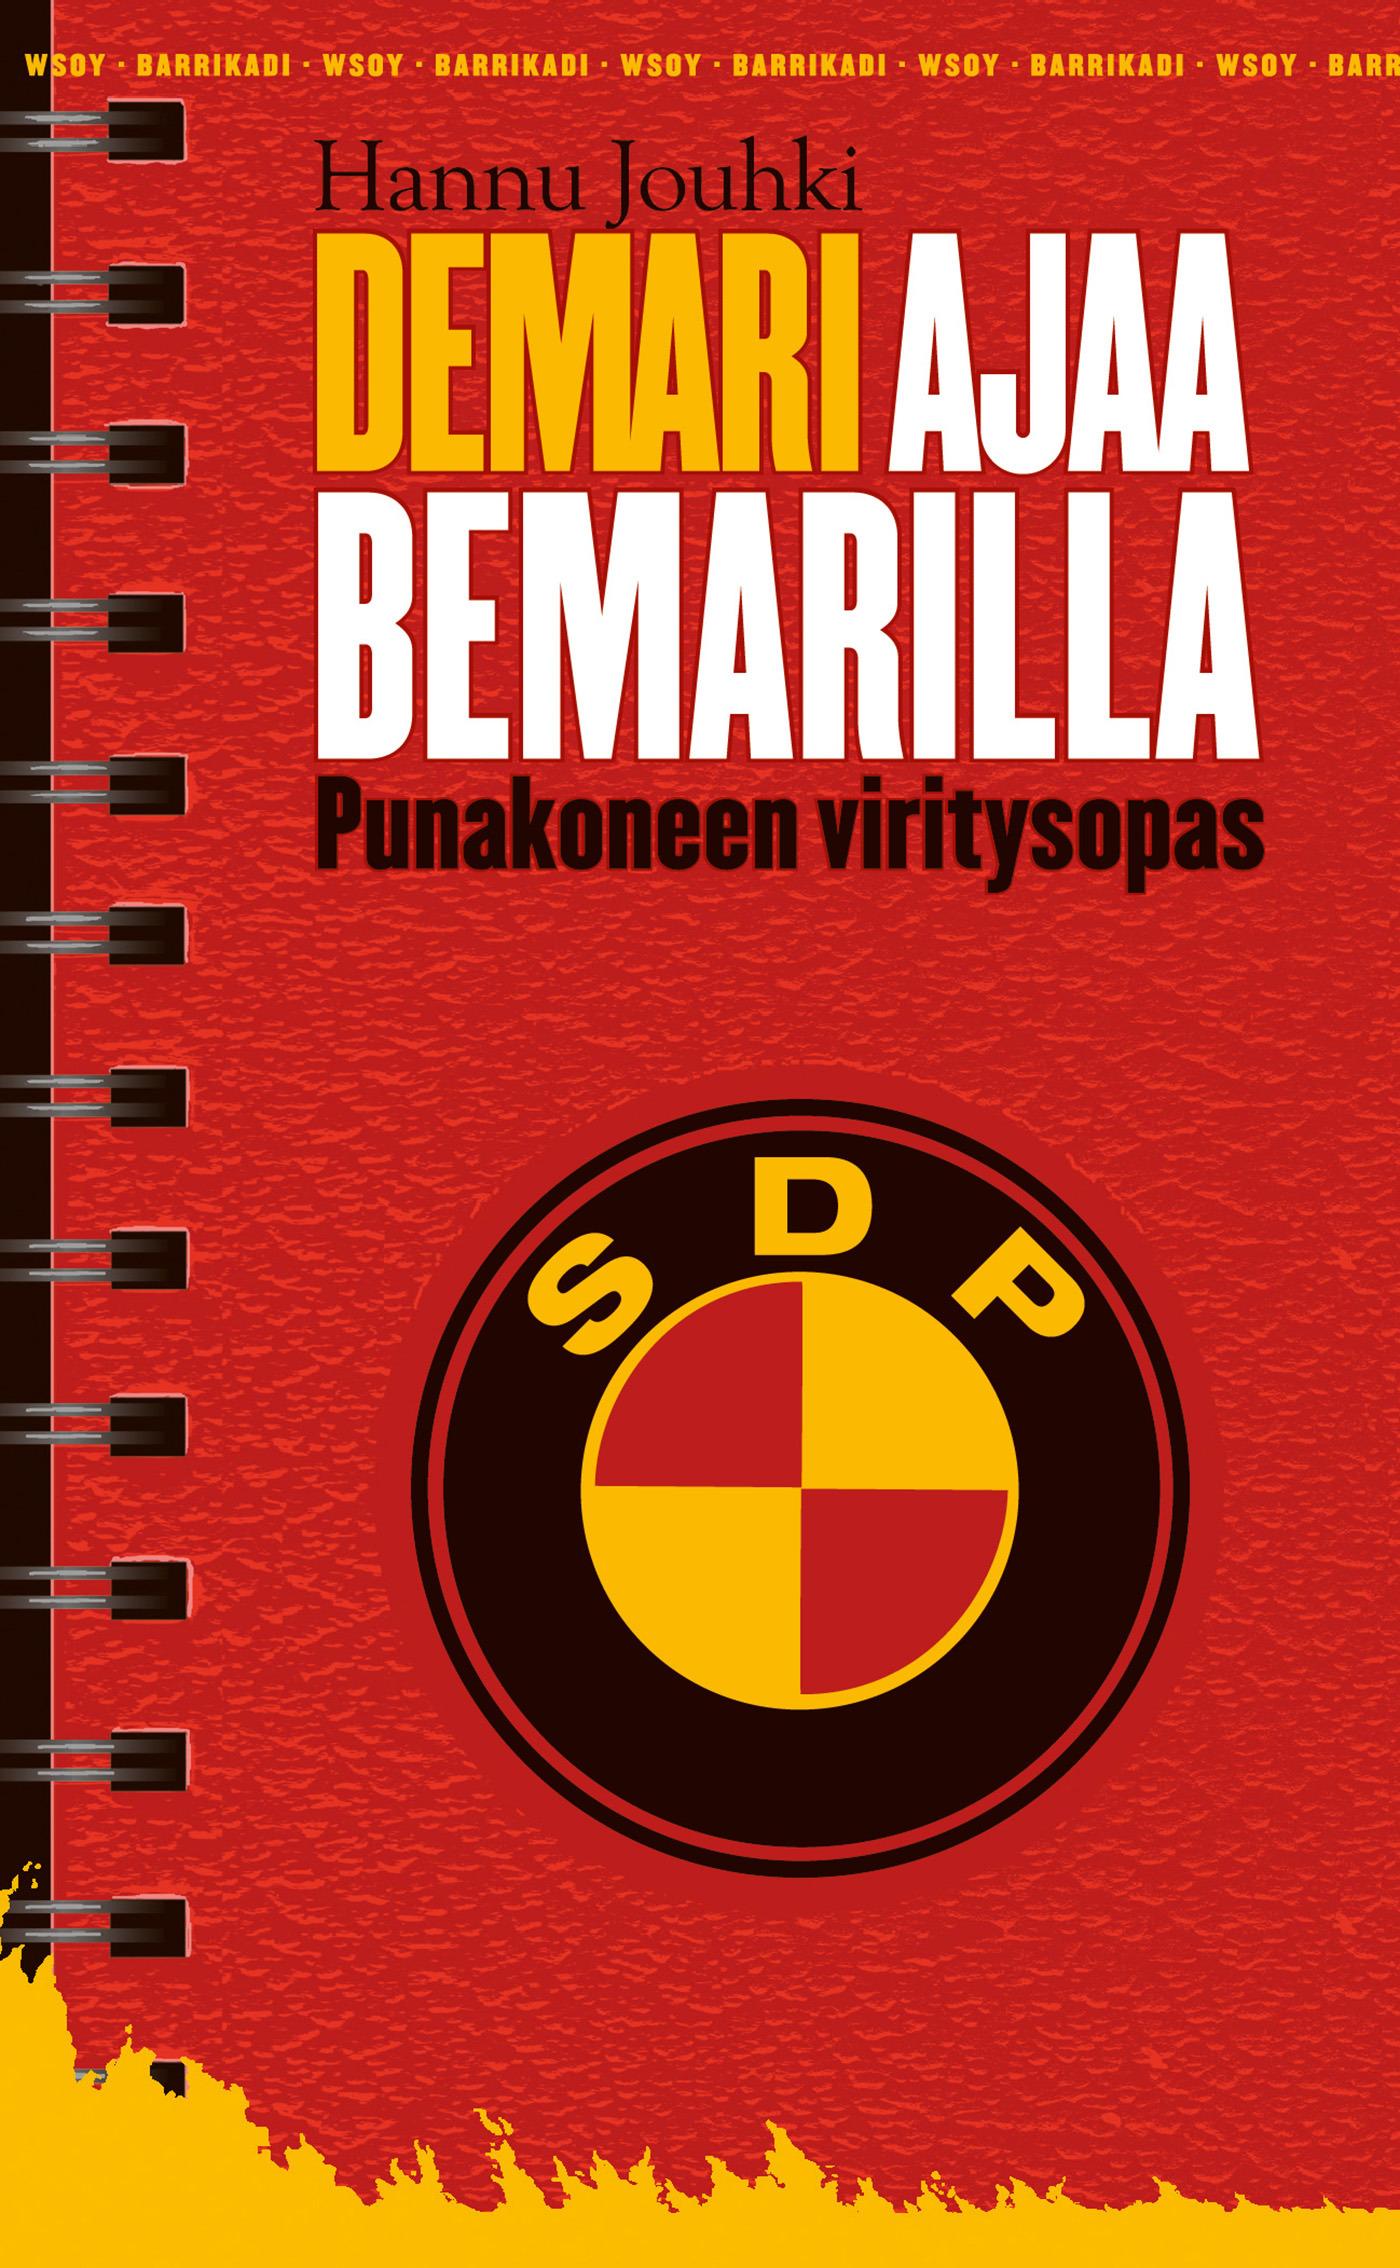 Jouhki, Hannu - Demari ajaa Bemarilla: Punakoneen viritysopas, e-kirja